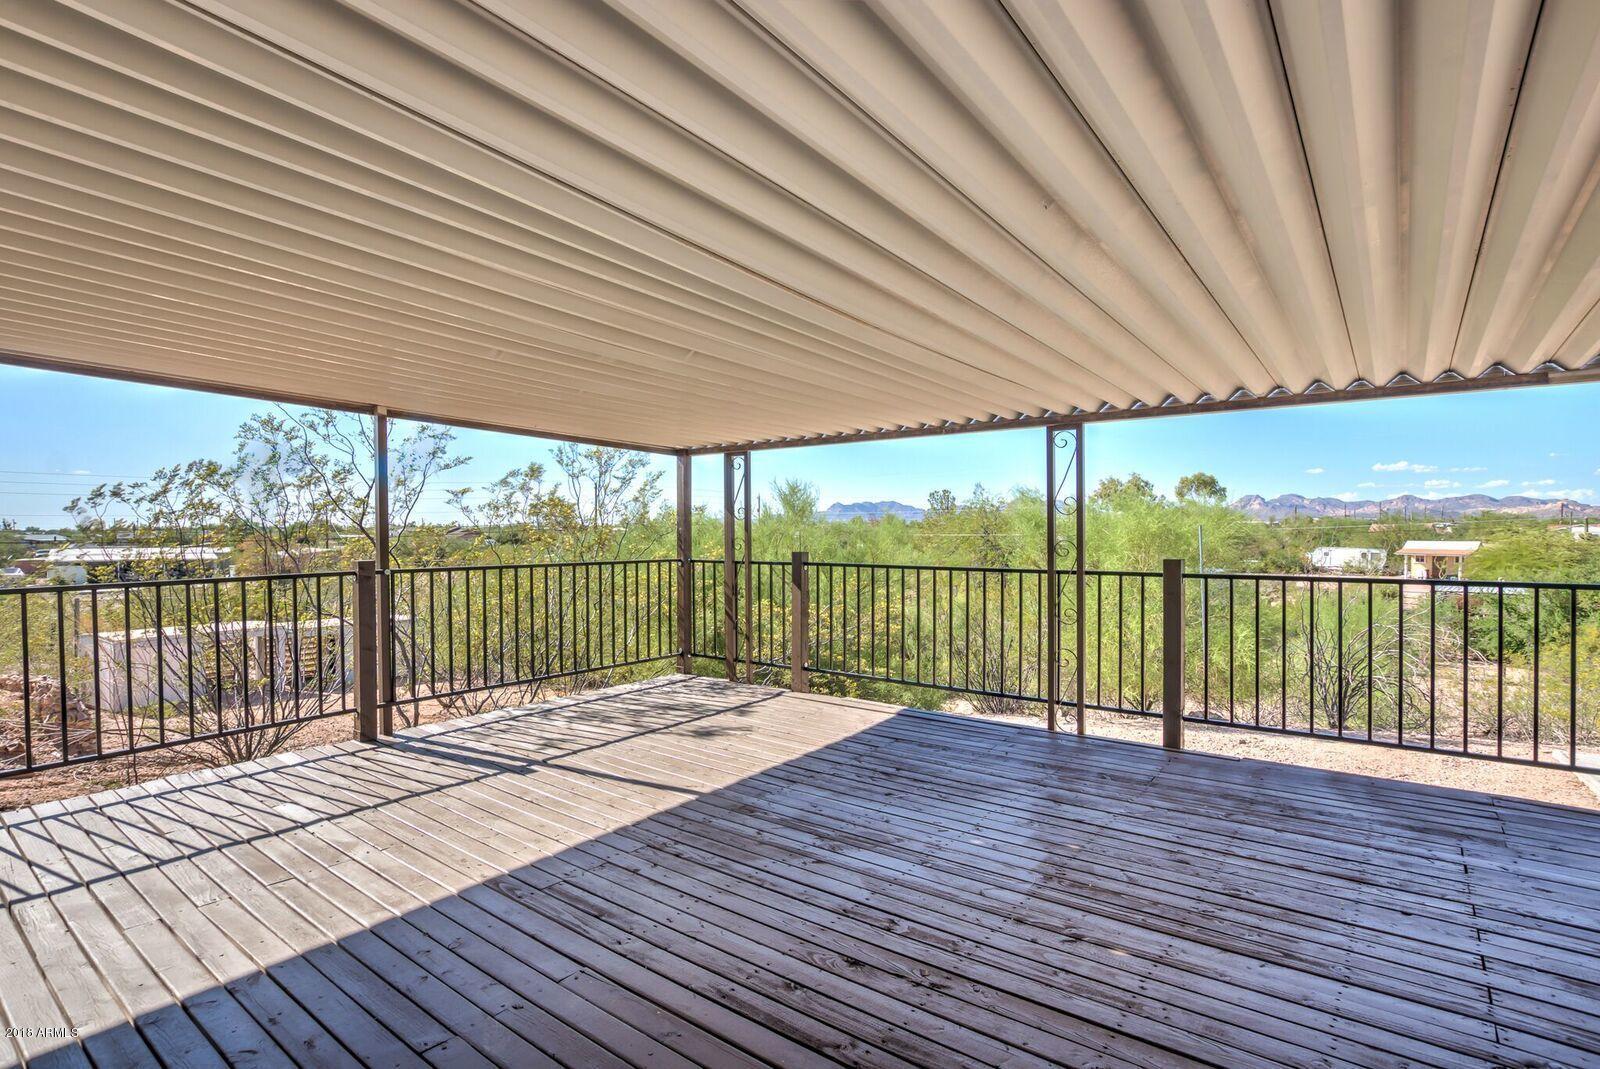 MLS 5814704 2876 E 12TH Avenue, Apache Junction, AZ 85119 Apache Junction AZ Manufactured Mobile Home